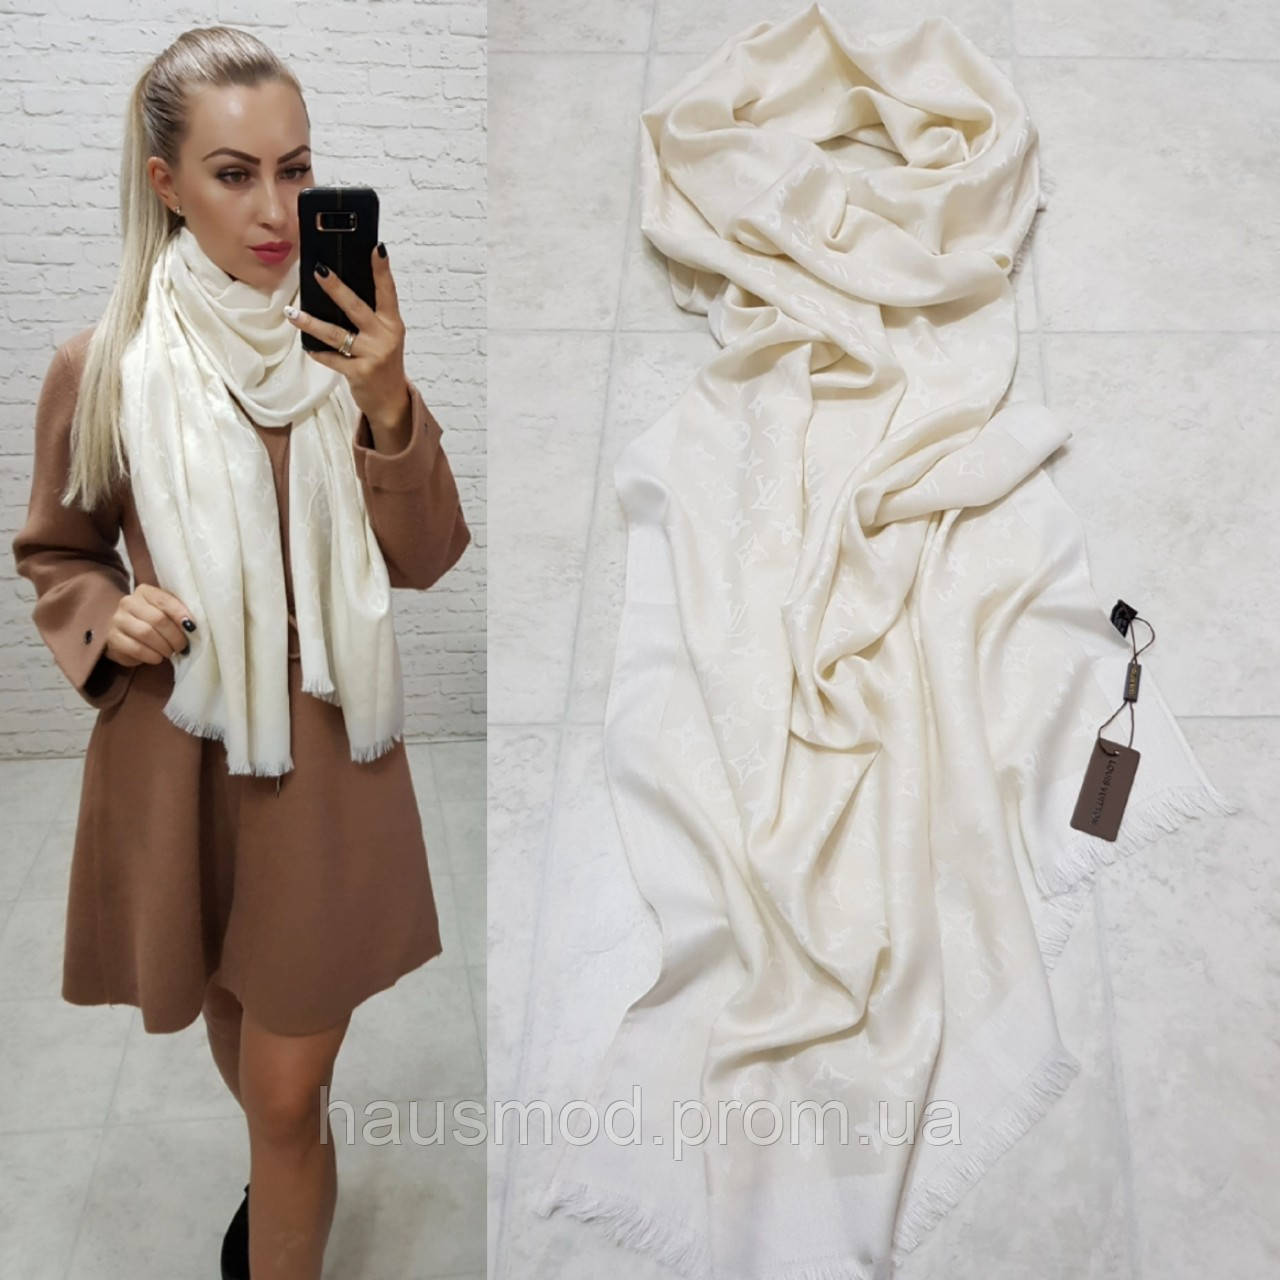 Женский палантин шарф брендовый репликаLouis Vuitton65% шелк 35% кашемир размер 190×0.70 см цвет молочный